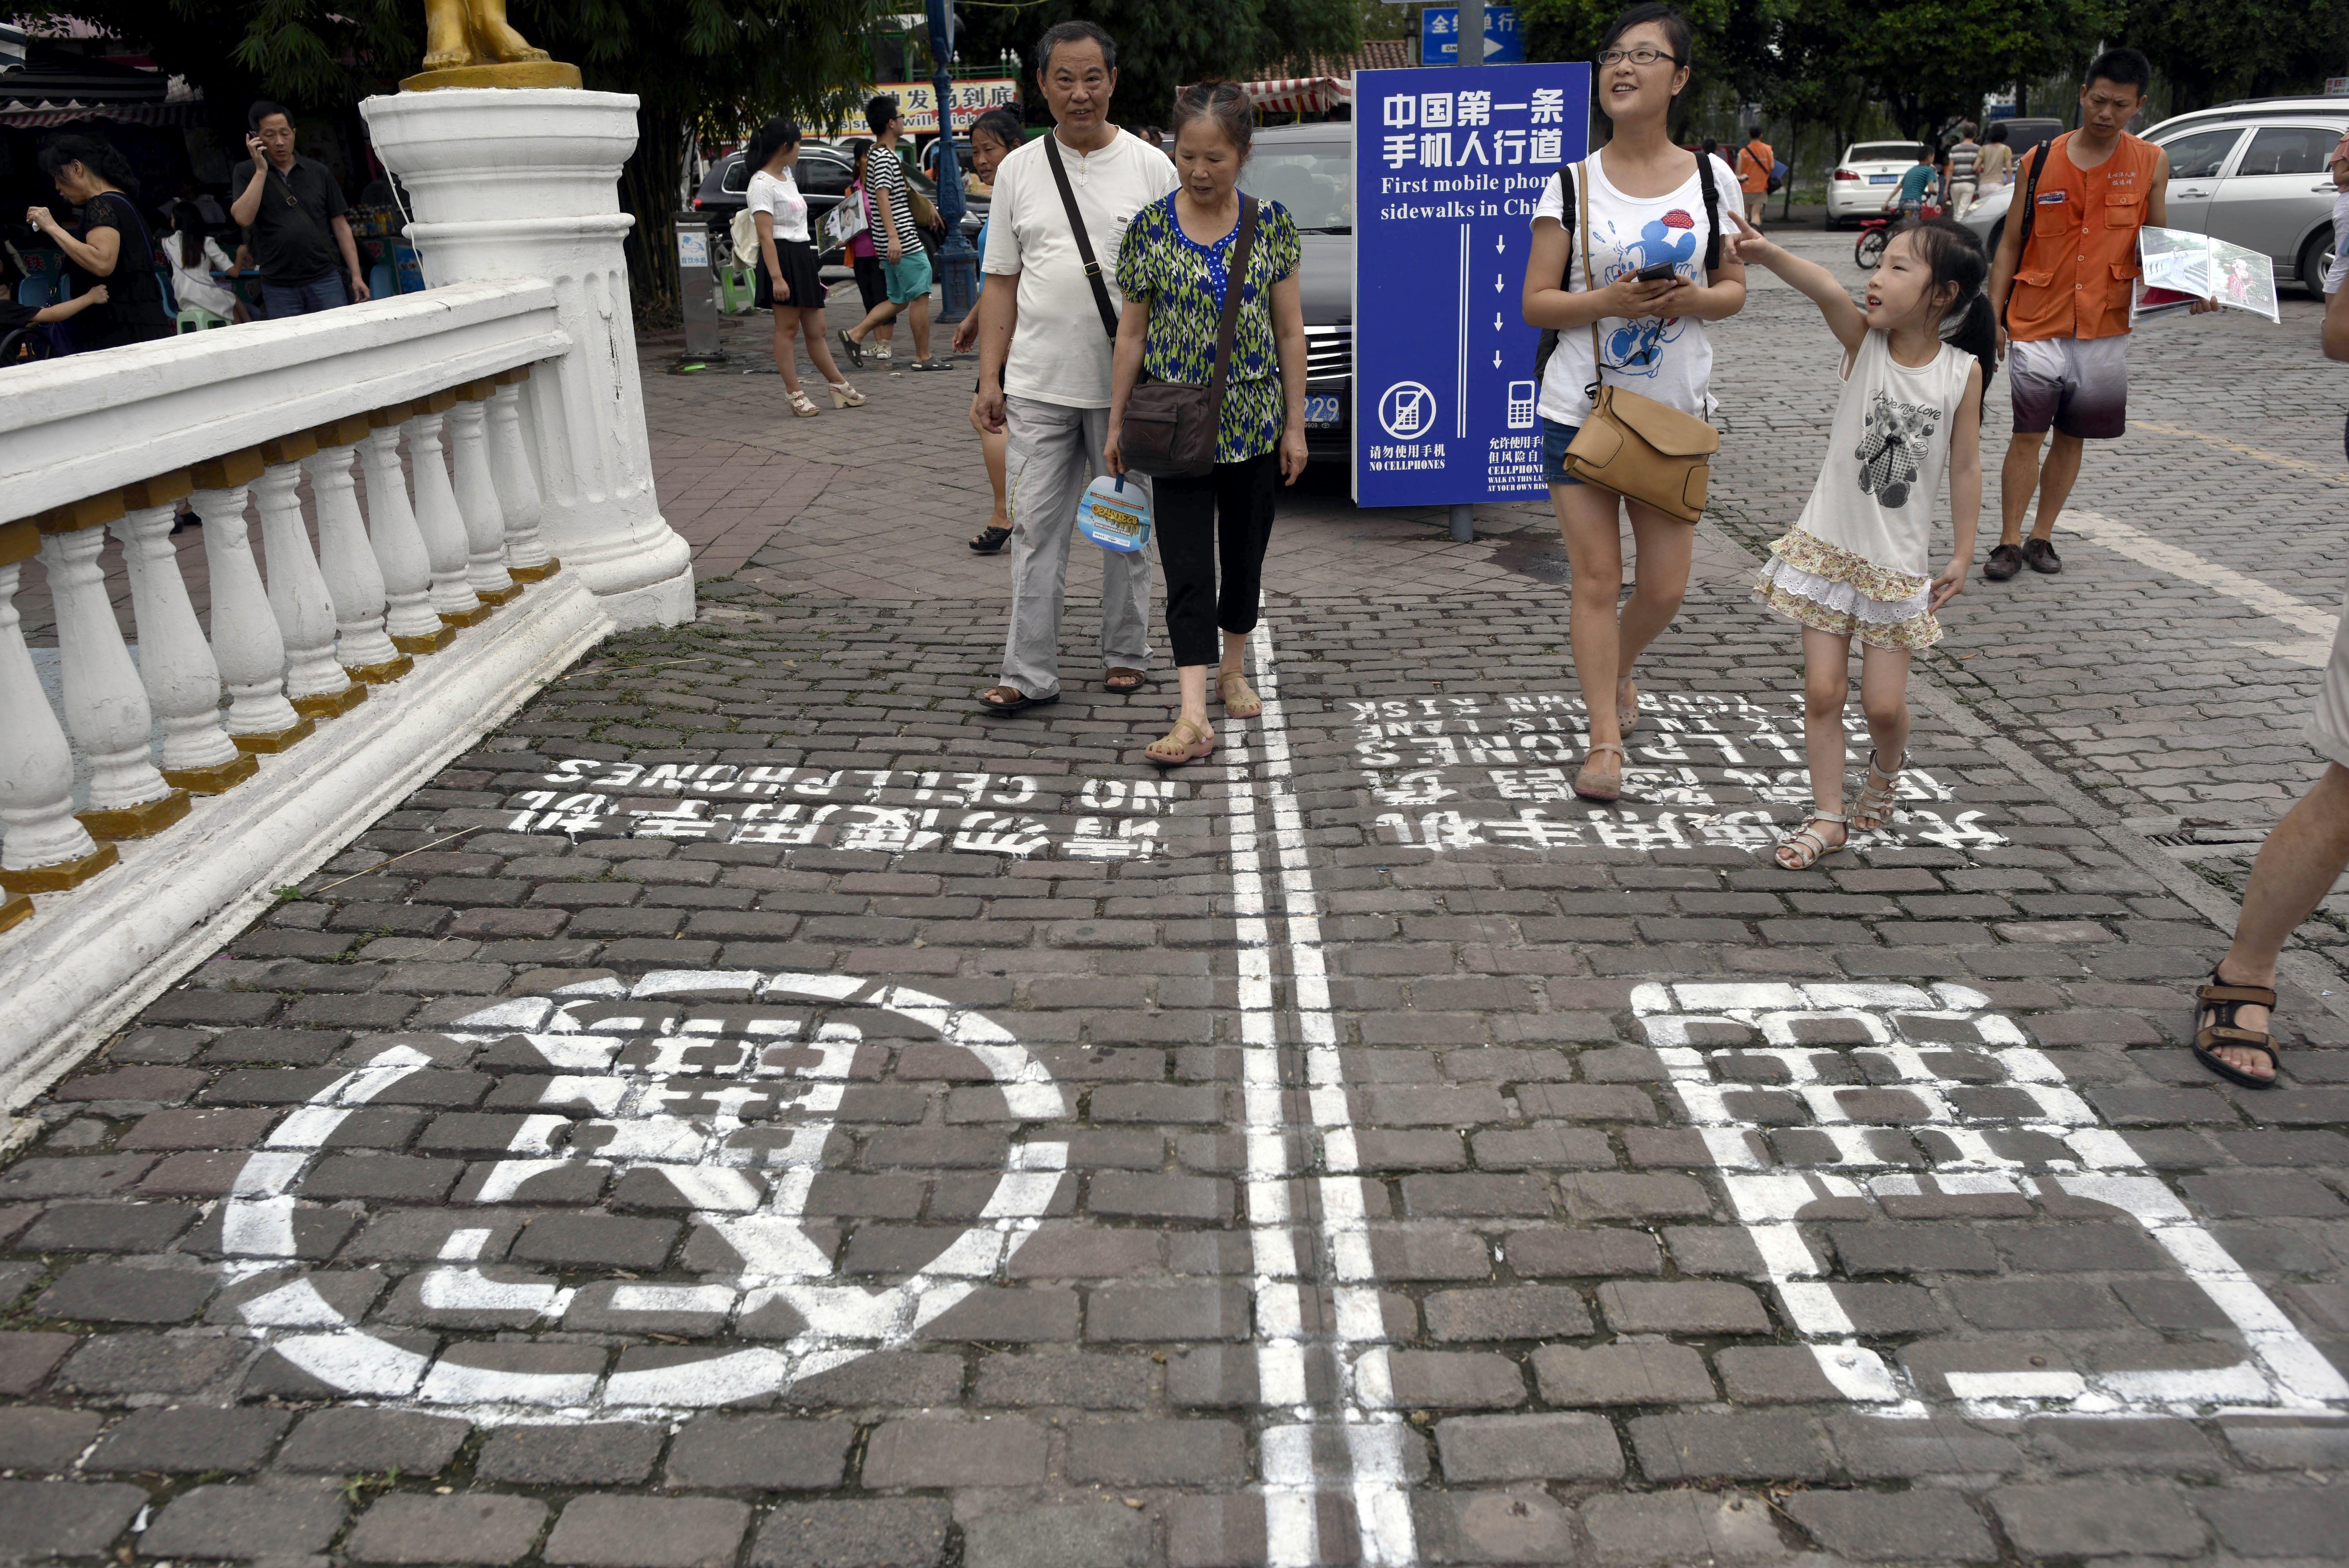 chongqing-en-chine-le-trottoir-a-ete-d_08604ebae33055f6ec0f2fda2068825e